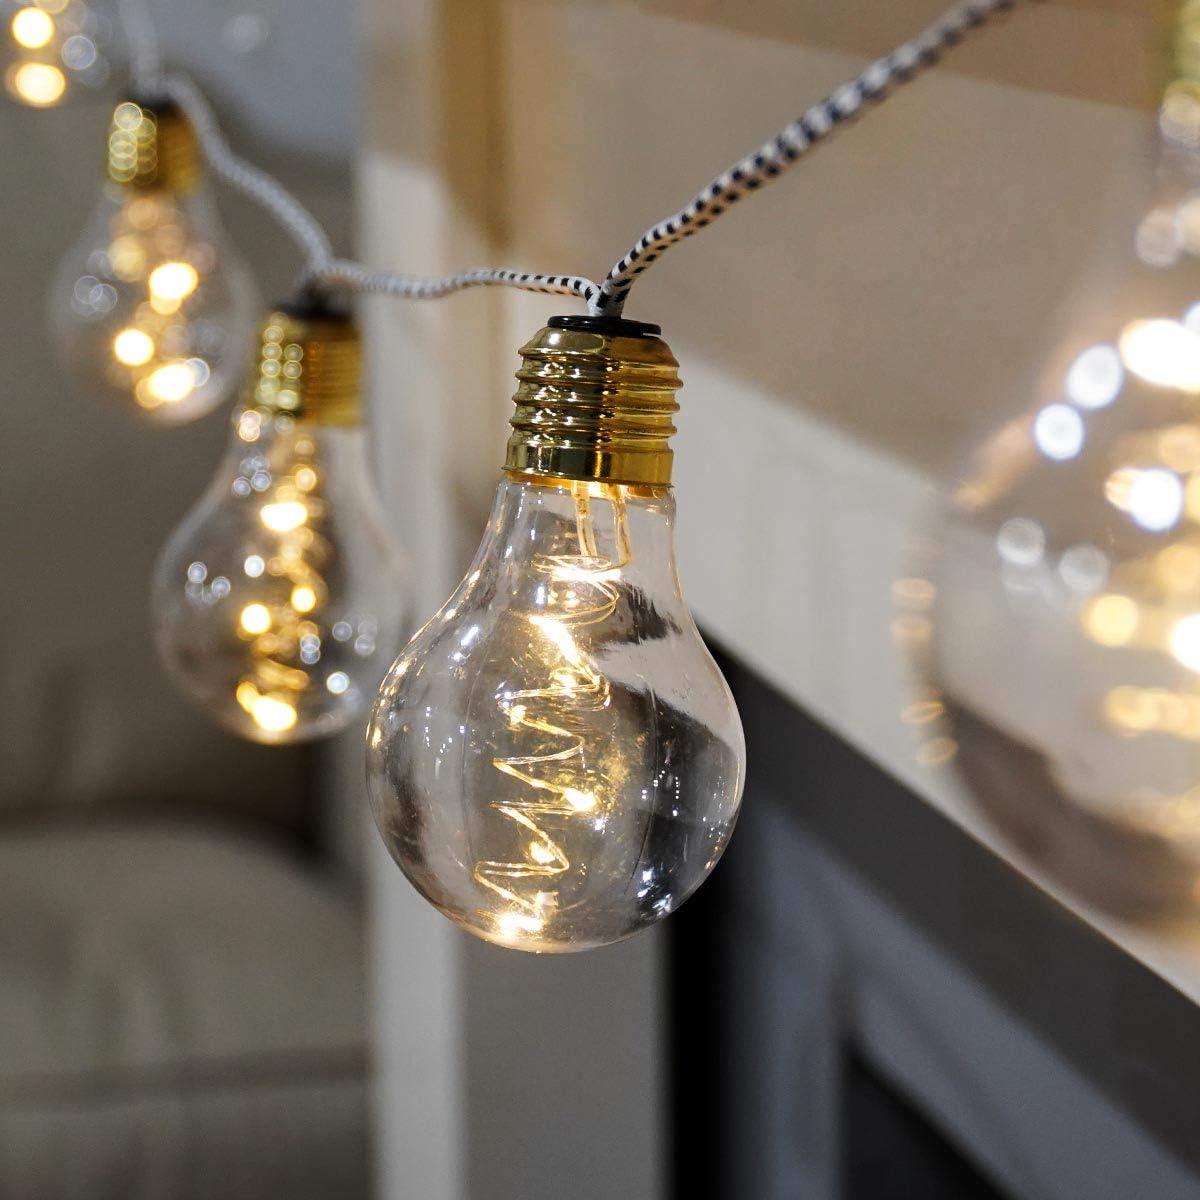 10er-set 10 LED Micro Lichterdraht Mini Lichterkette Weihnachten Deko Party Bele